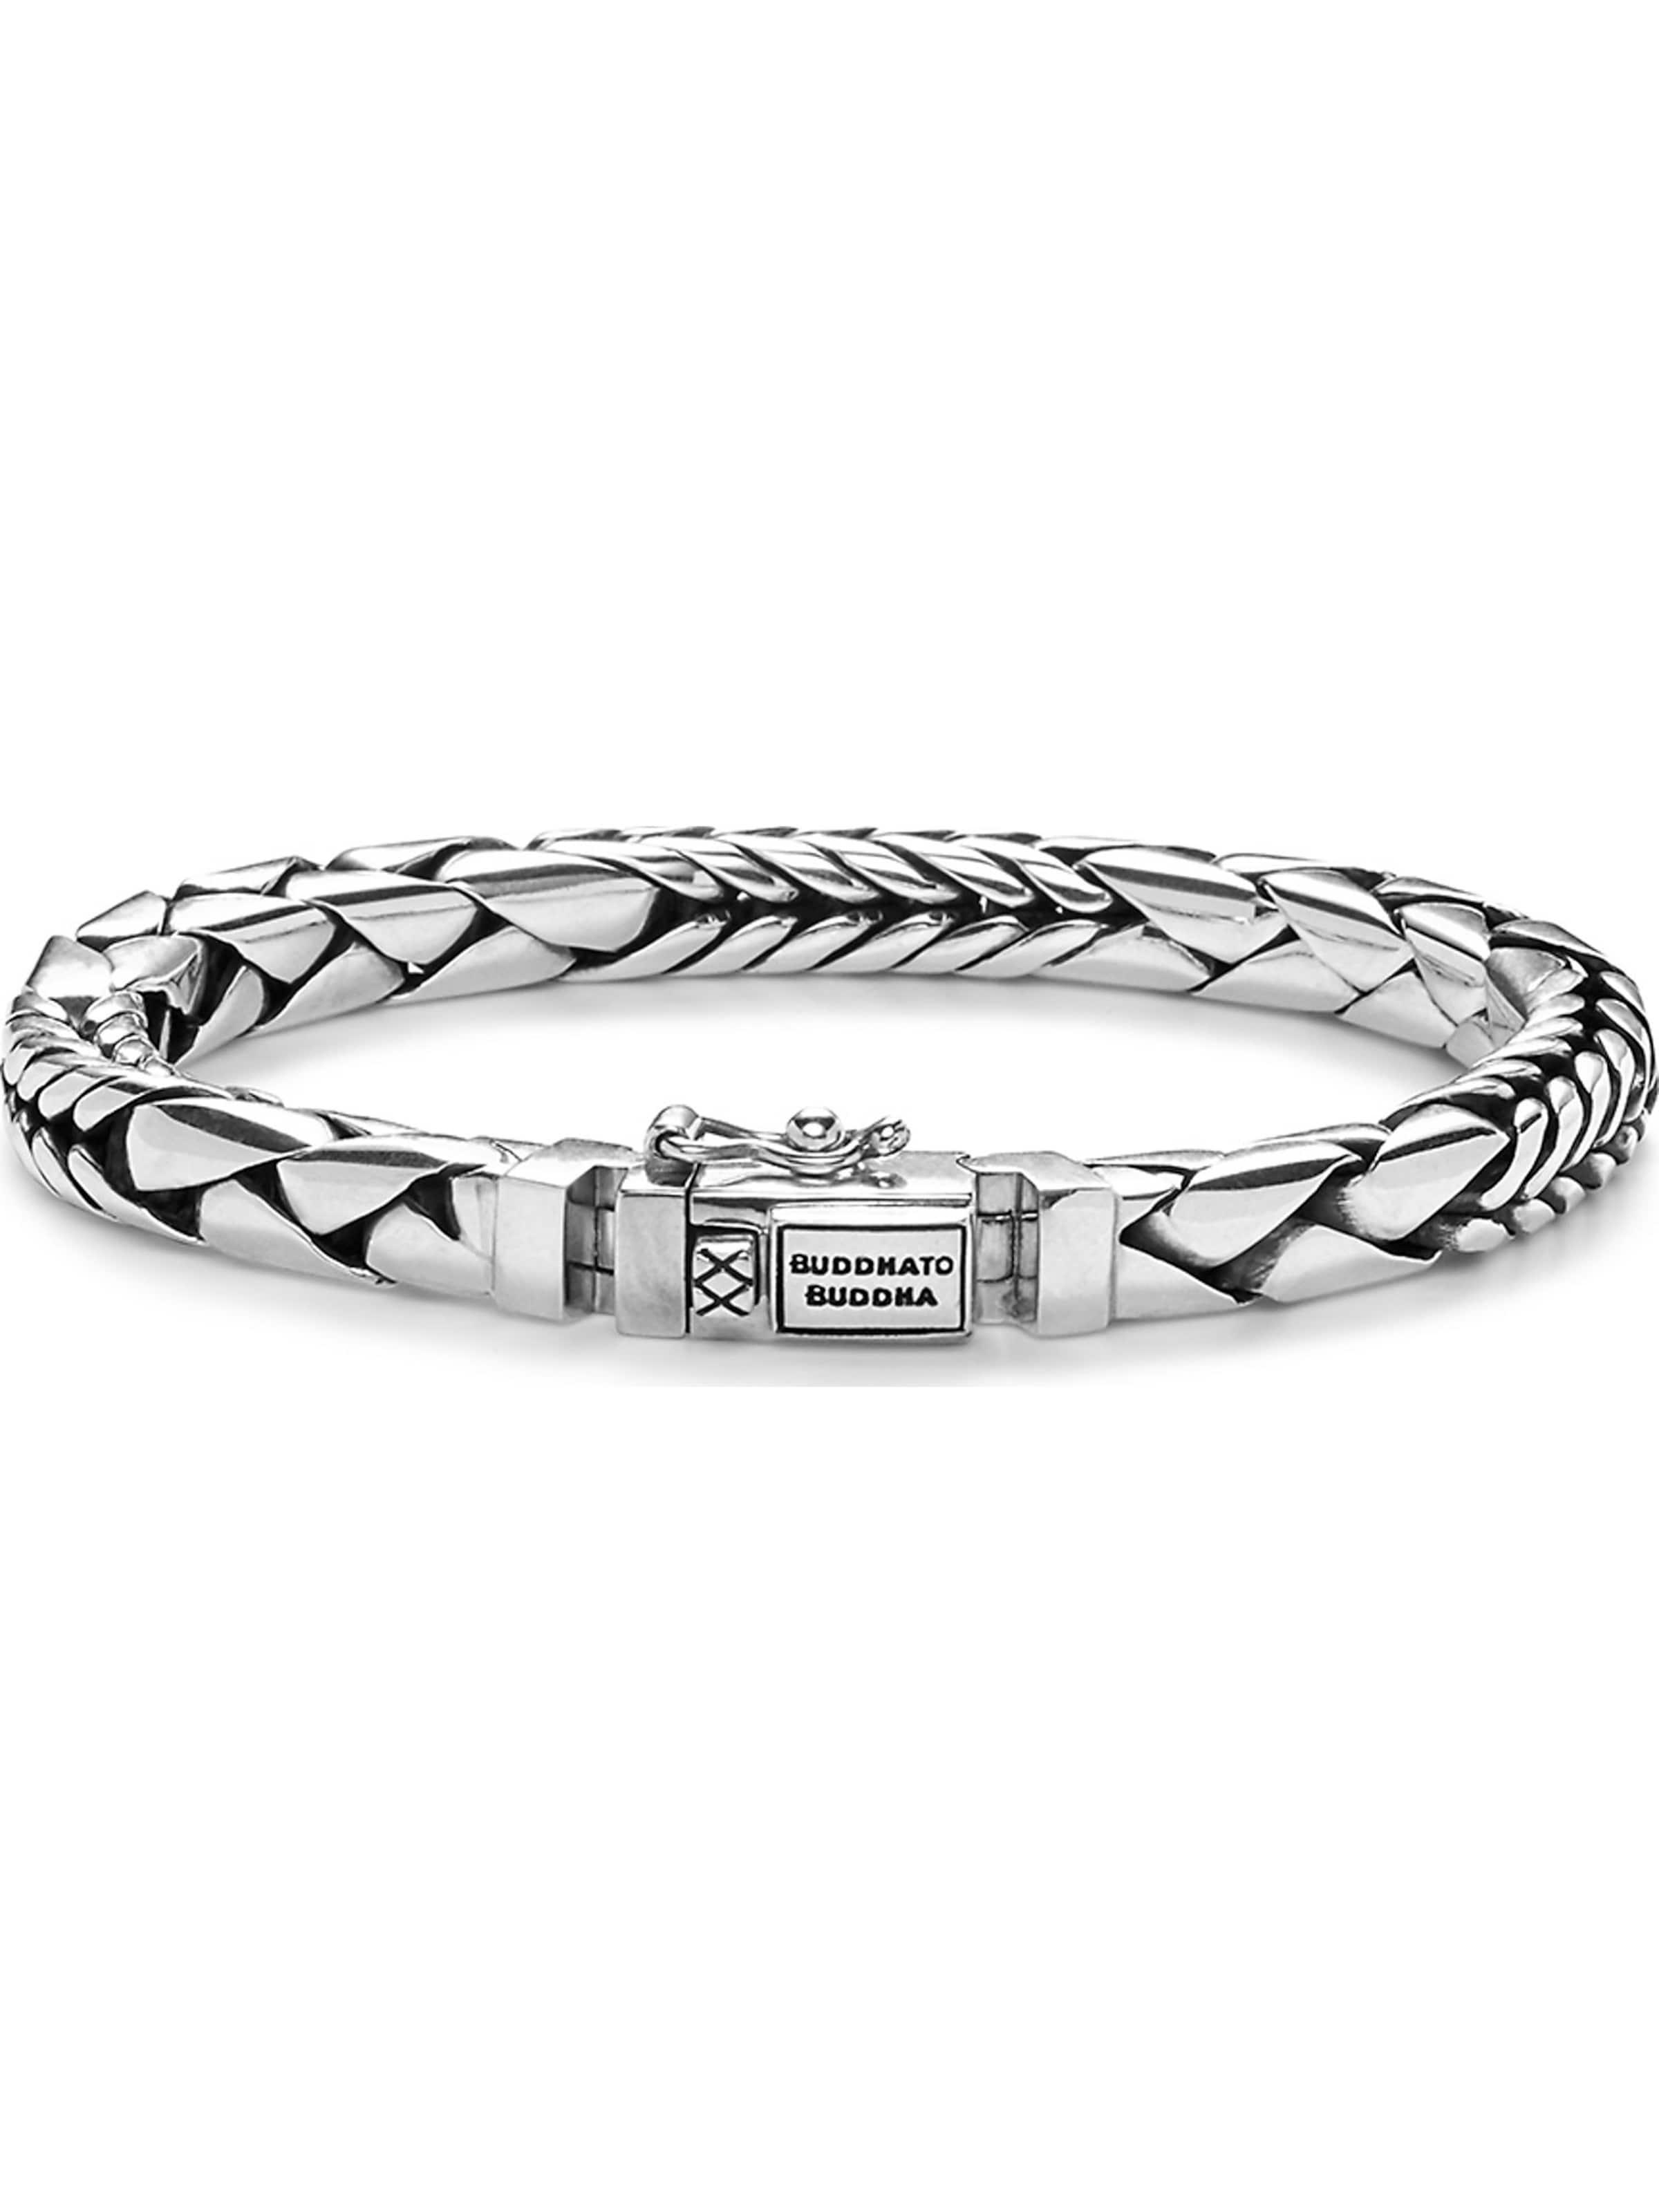 Armband In Buddha Armband Buddha In Silber To To XuZiPk